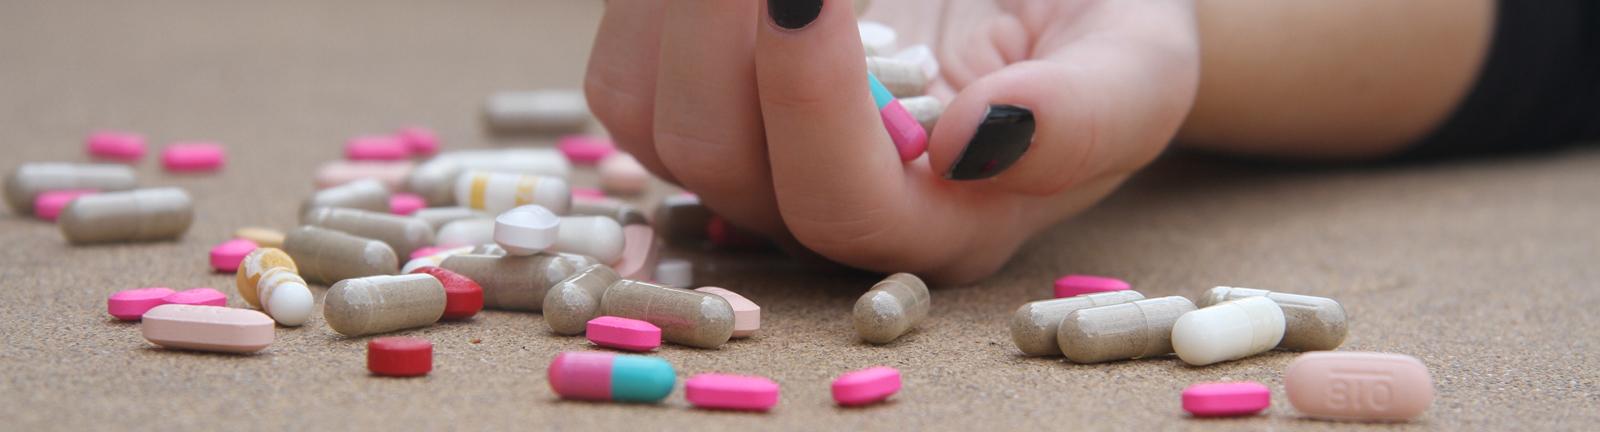 Hand mit schwarz lackierten Fingernägeln und vielen bunten Pillen.